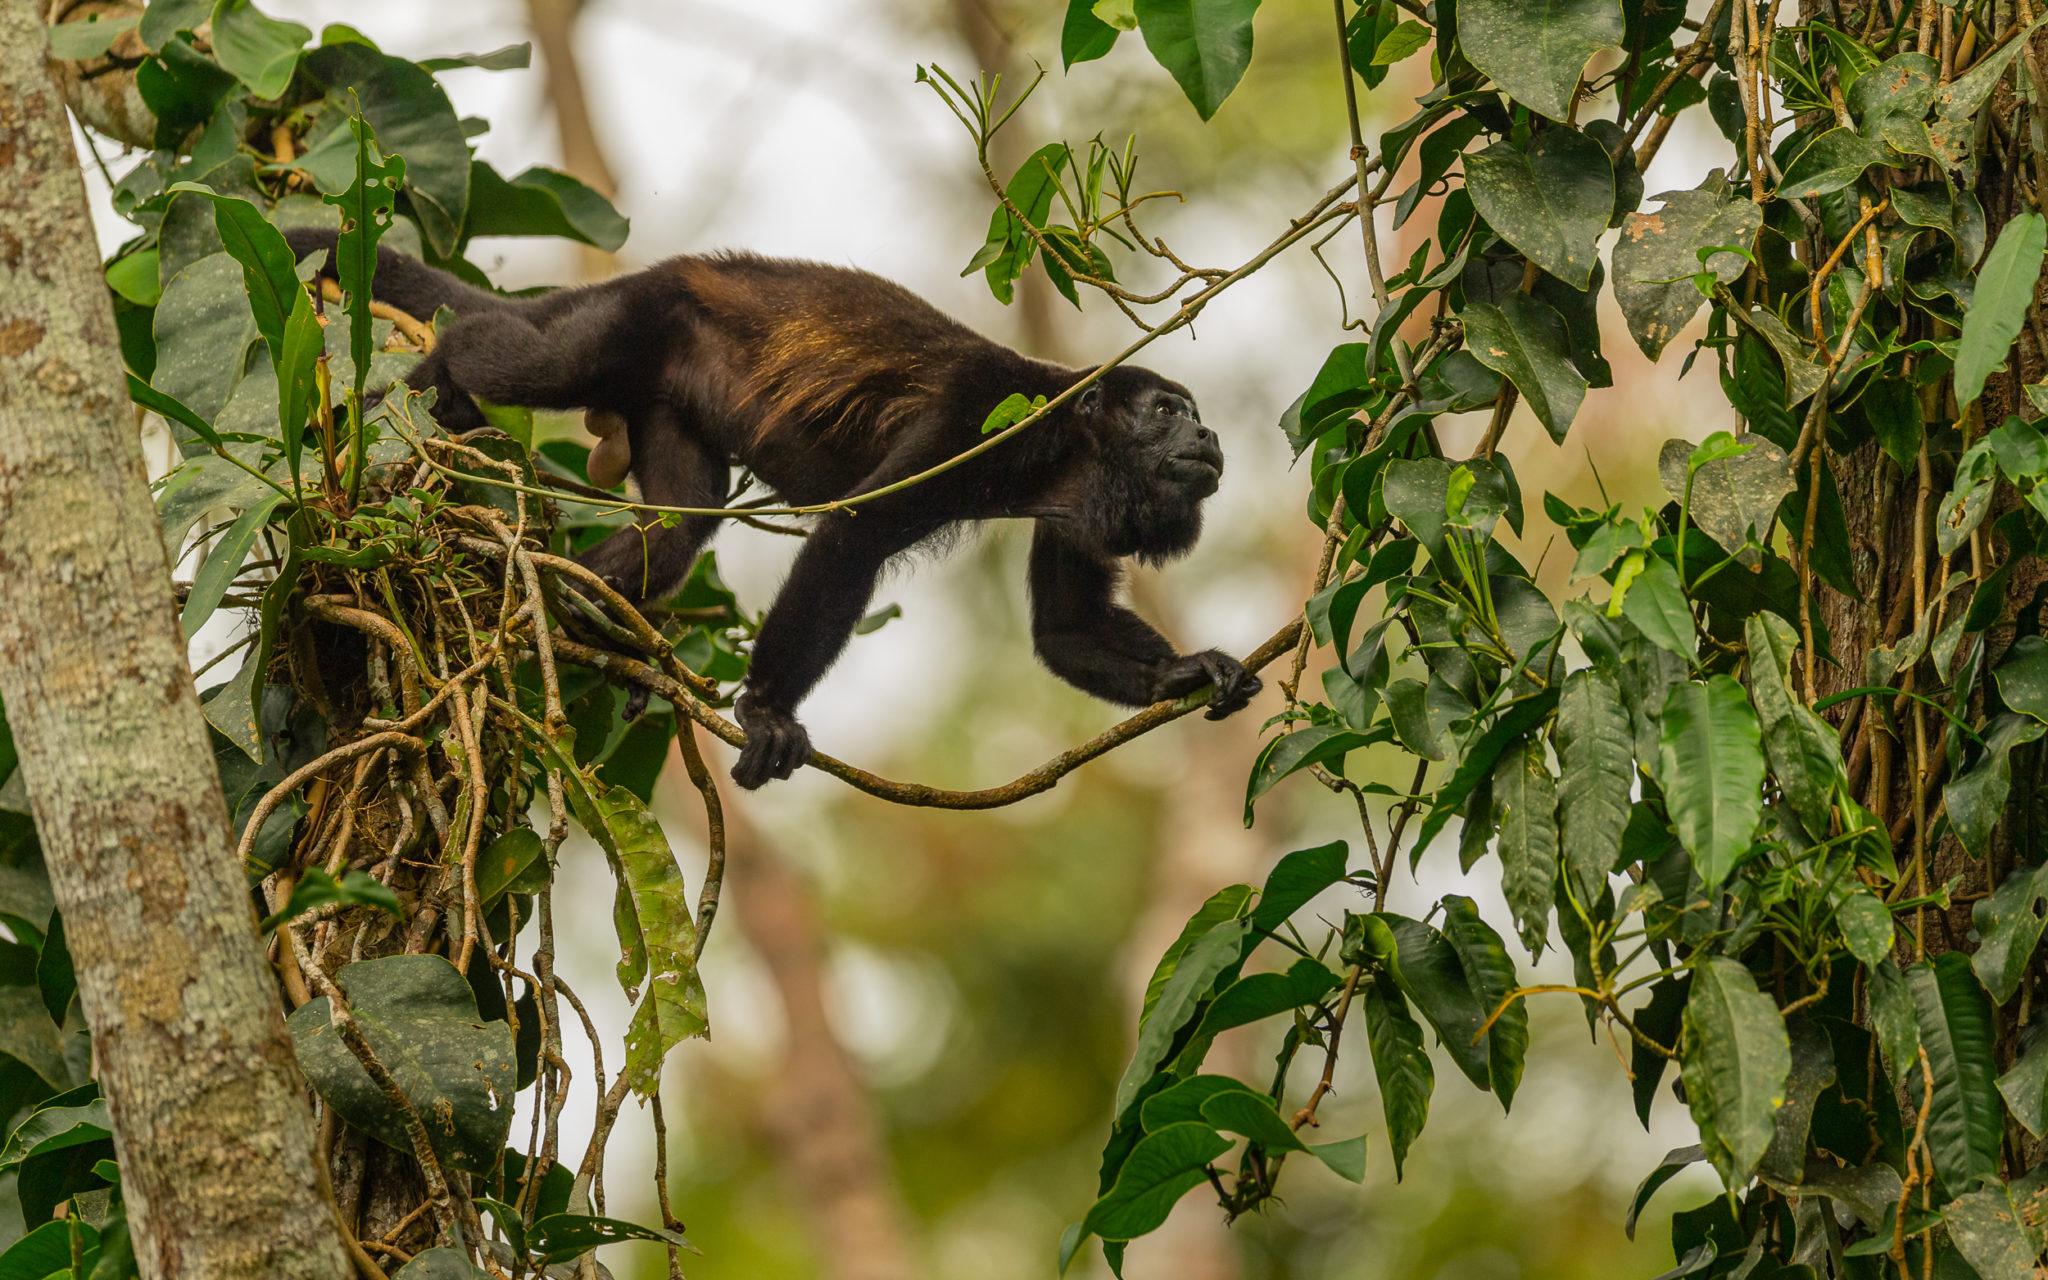 männlicher Brüllaffe (Alouatta) unterwegs im Regenwald von Costa Rica, Naturfotografie Olaf & Sylvia Rentzsch